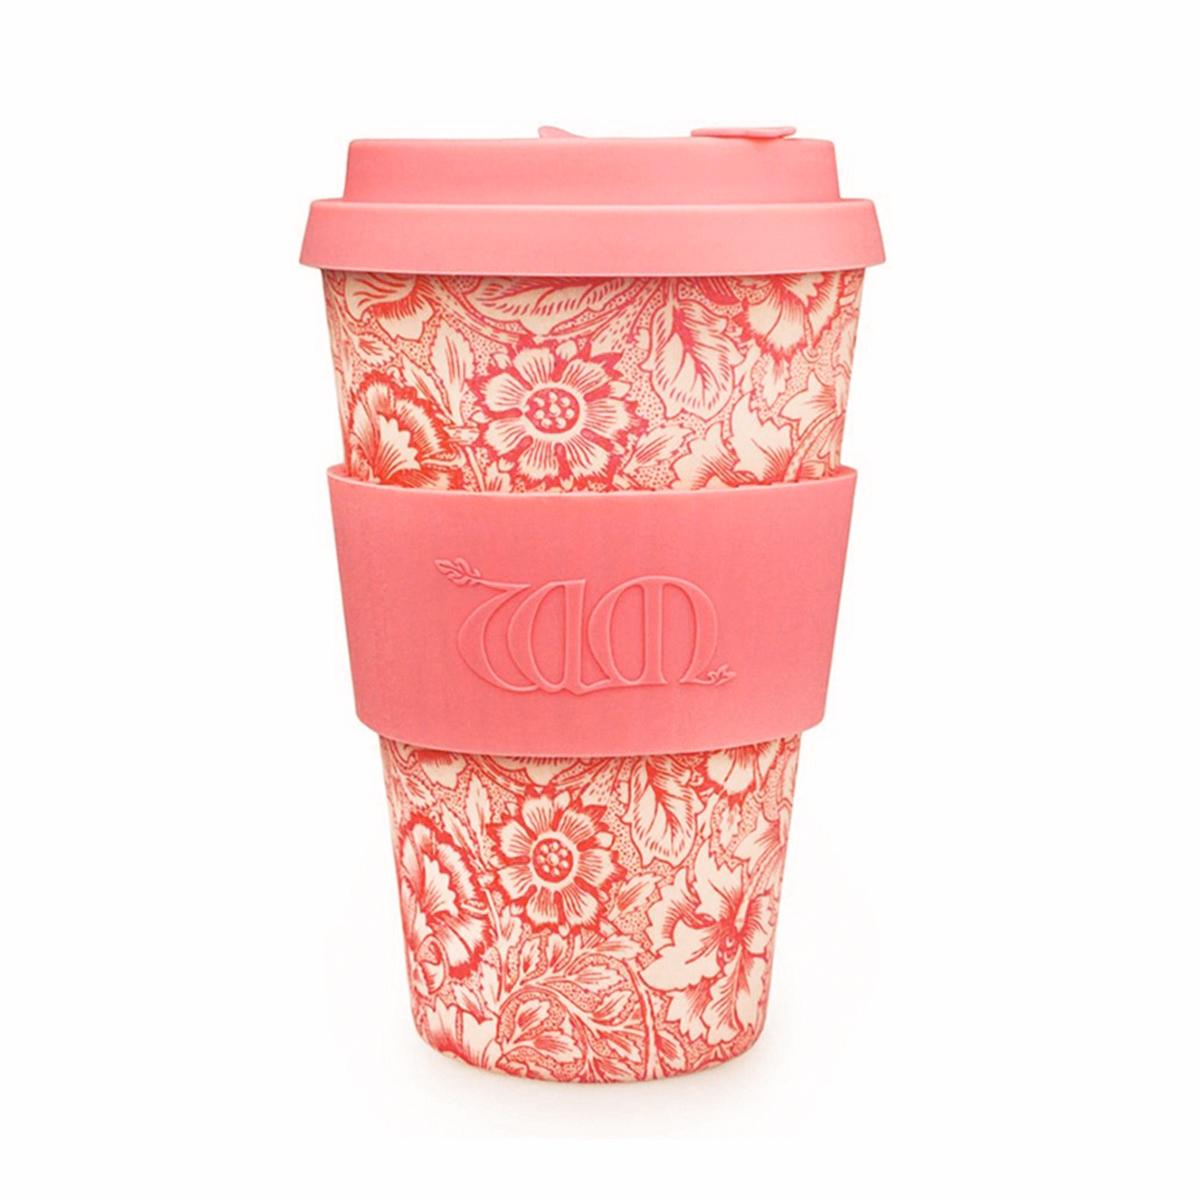 エコーヒーカップ|Poppy